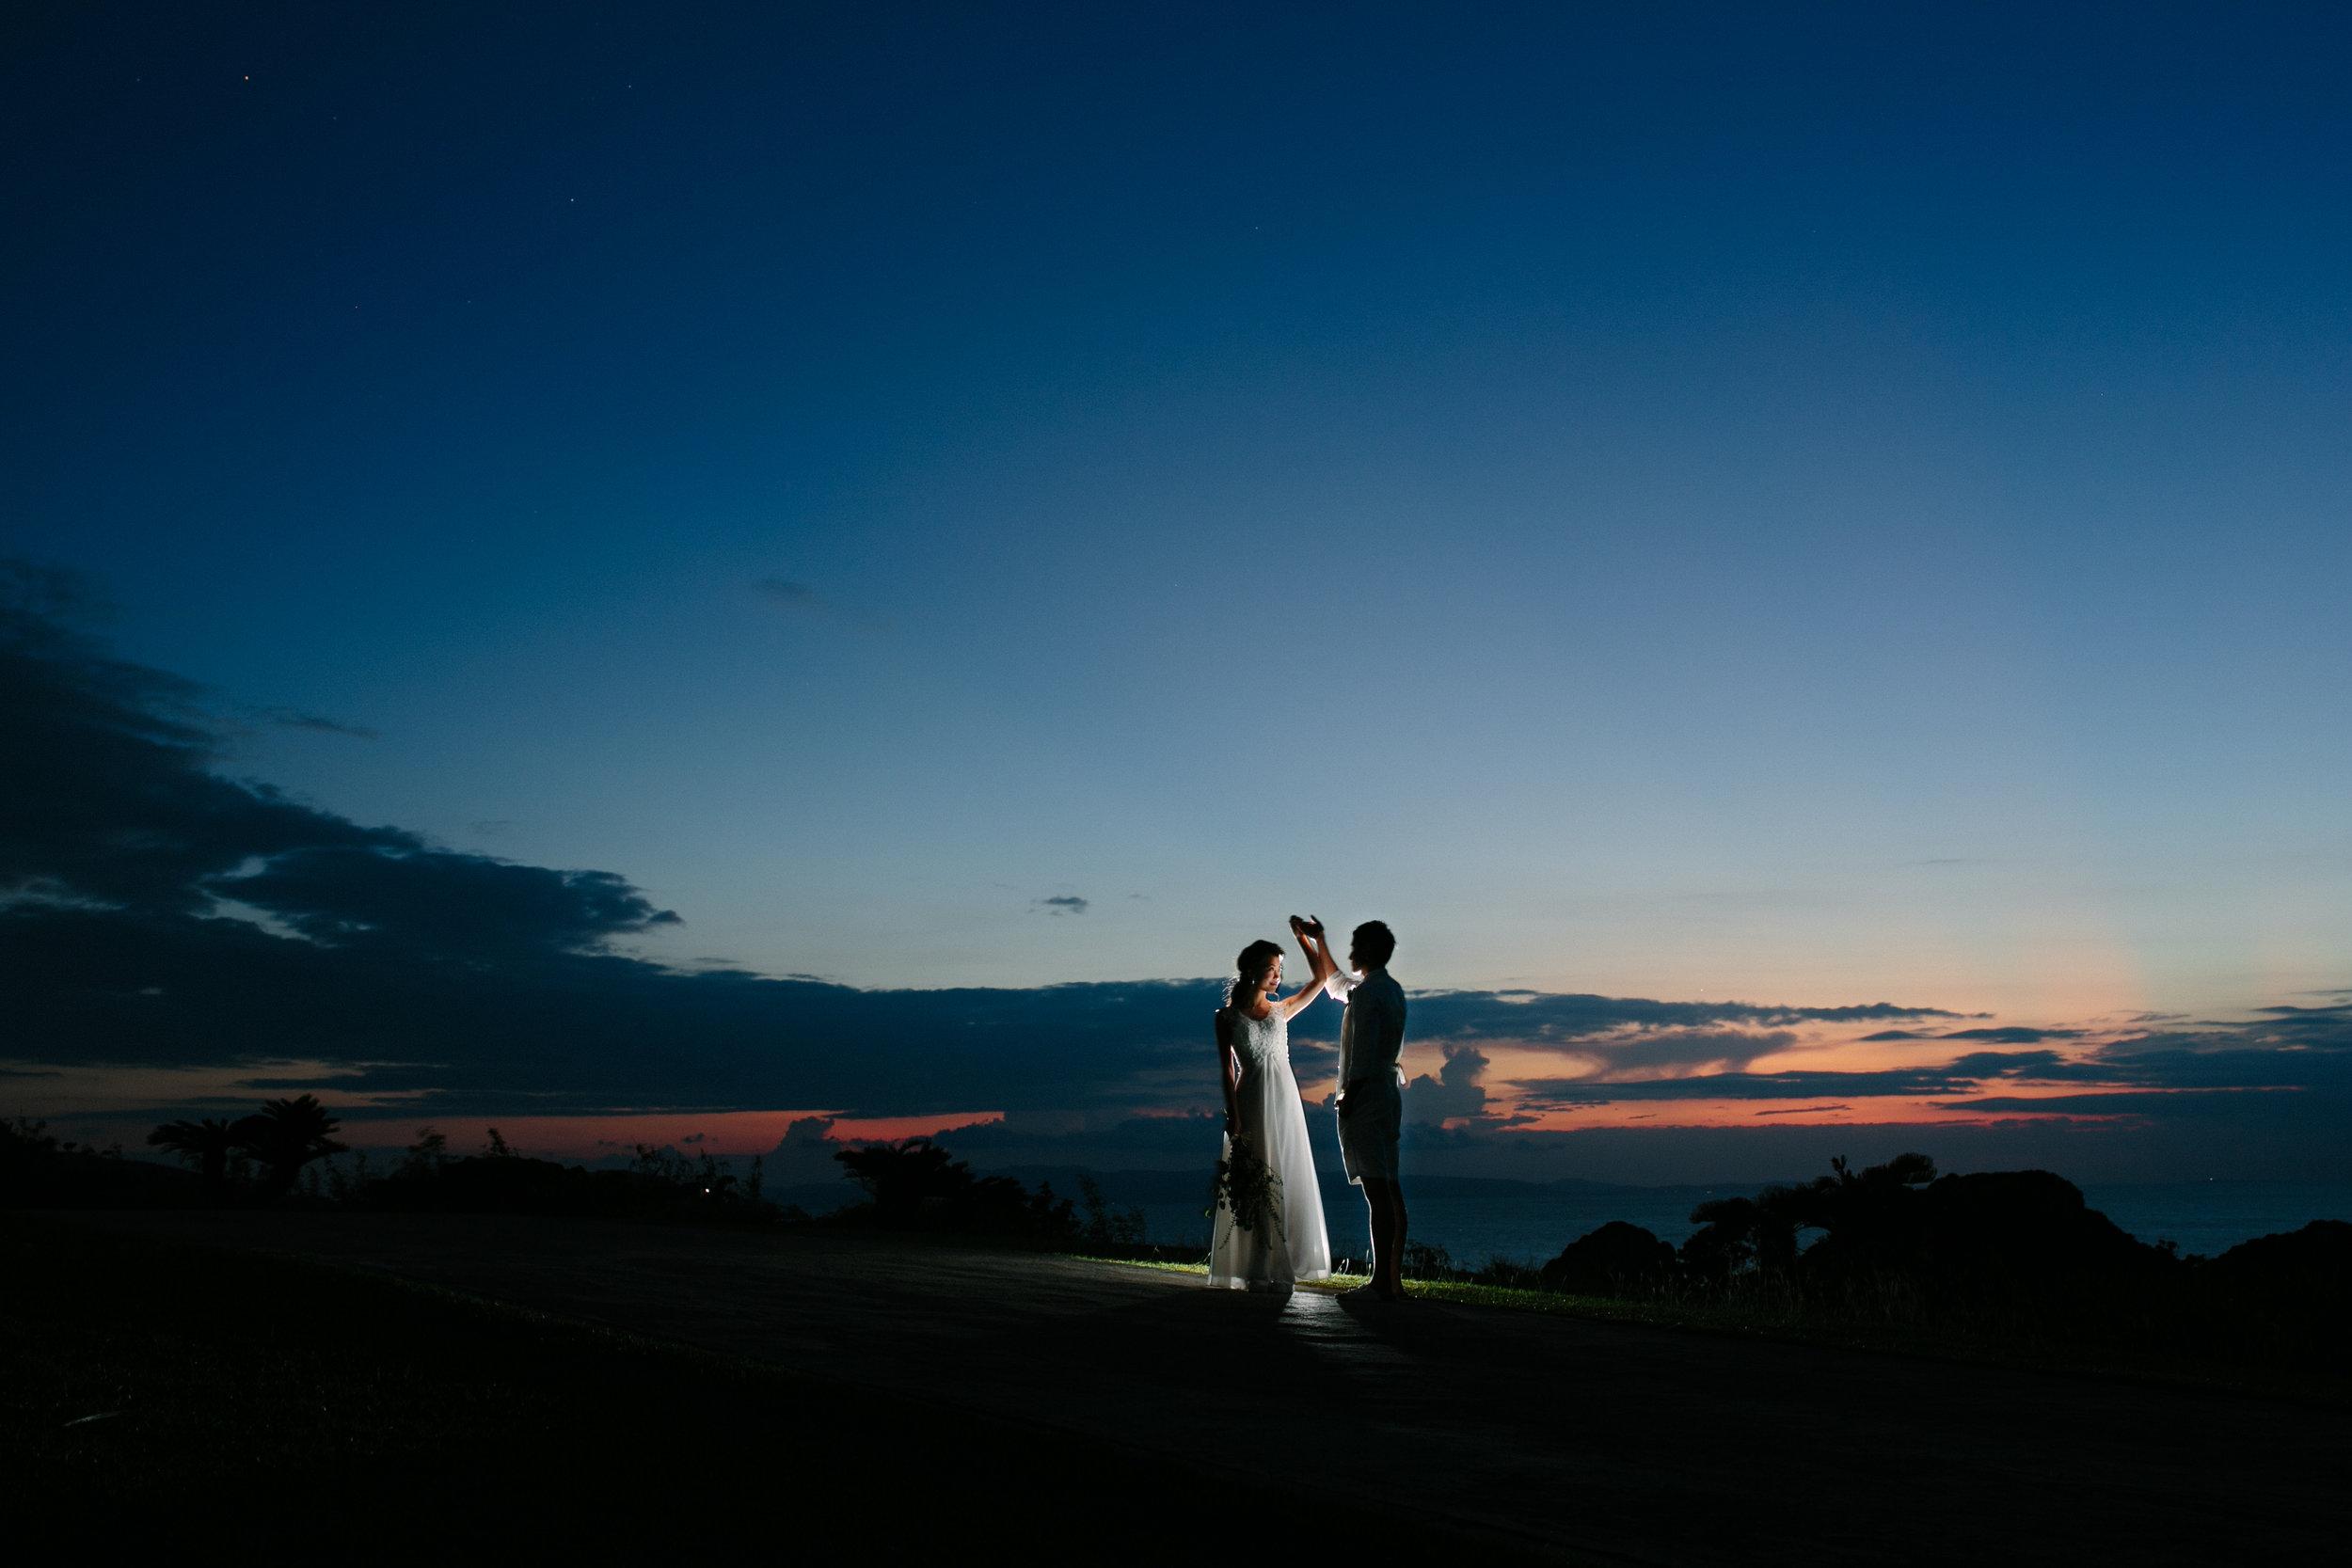 石垣島フォトウェディング | 出張カメラマン | Koji Nishida Photography